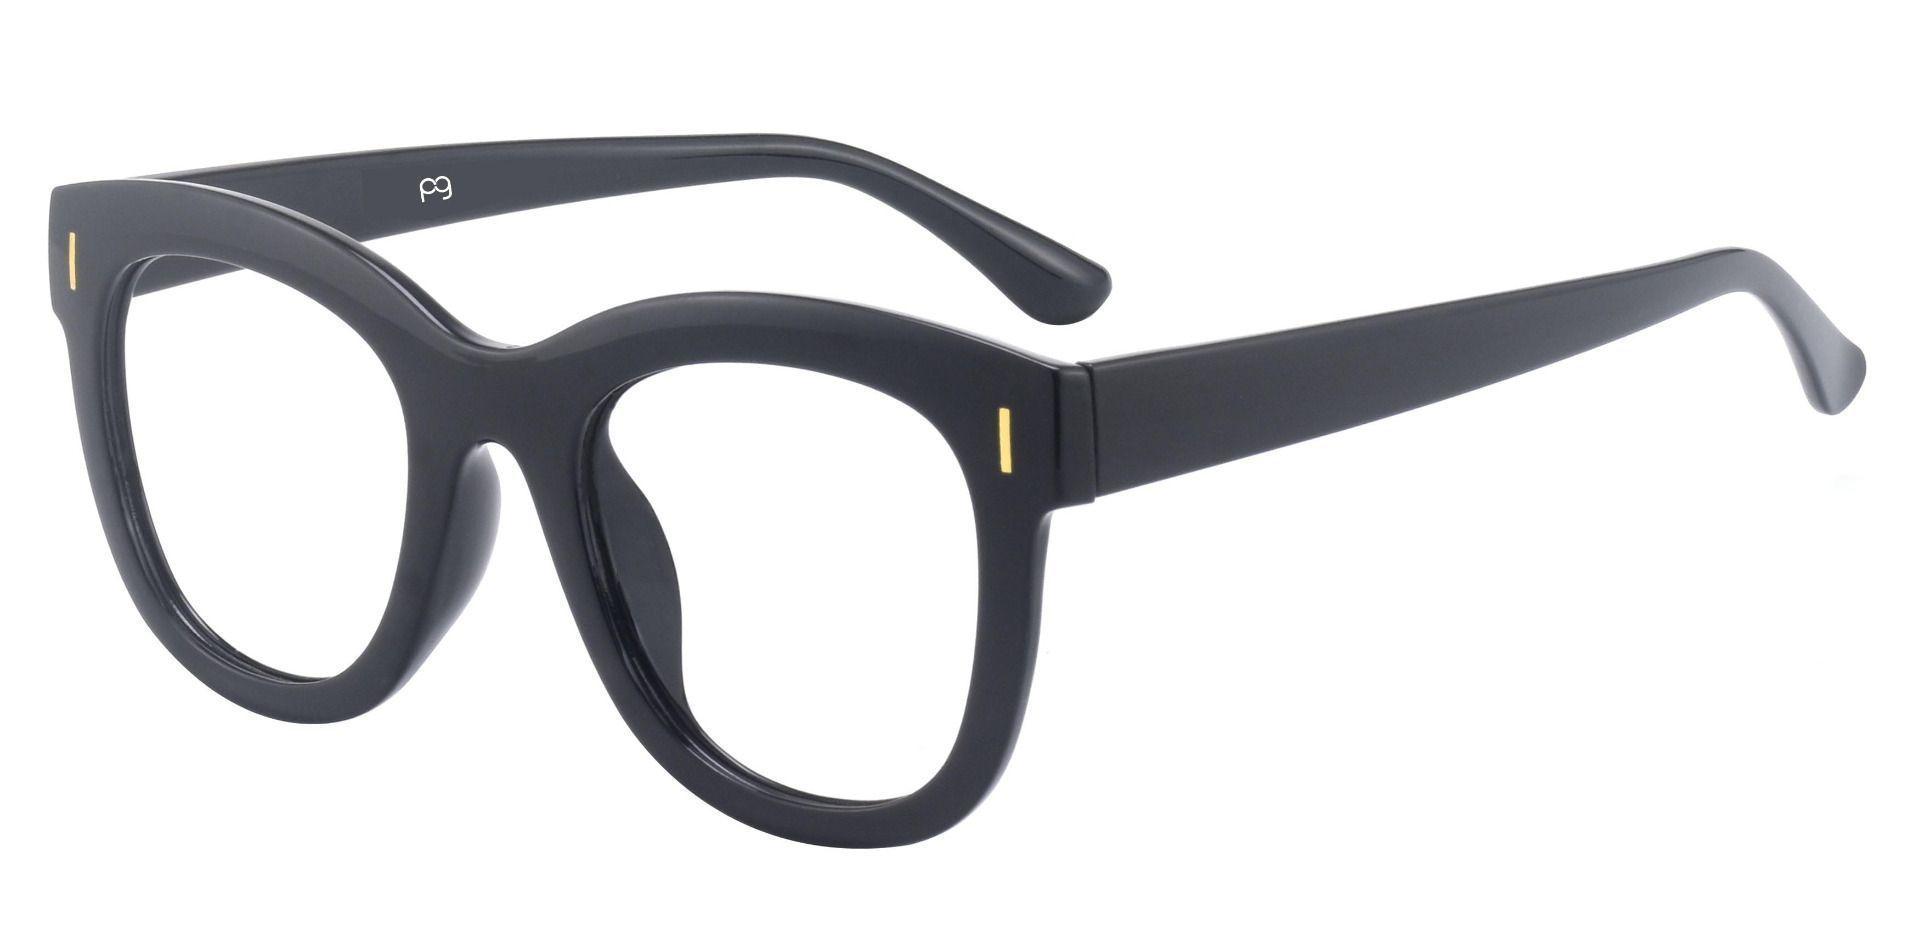 Saratoga Square Prescription Glasses - Black